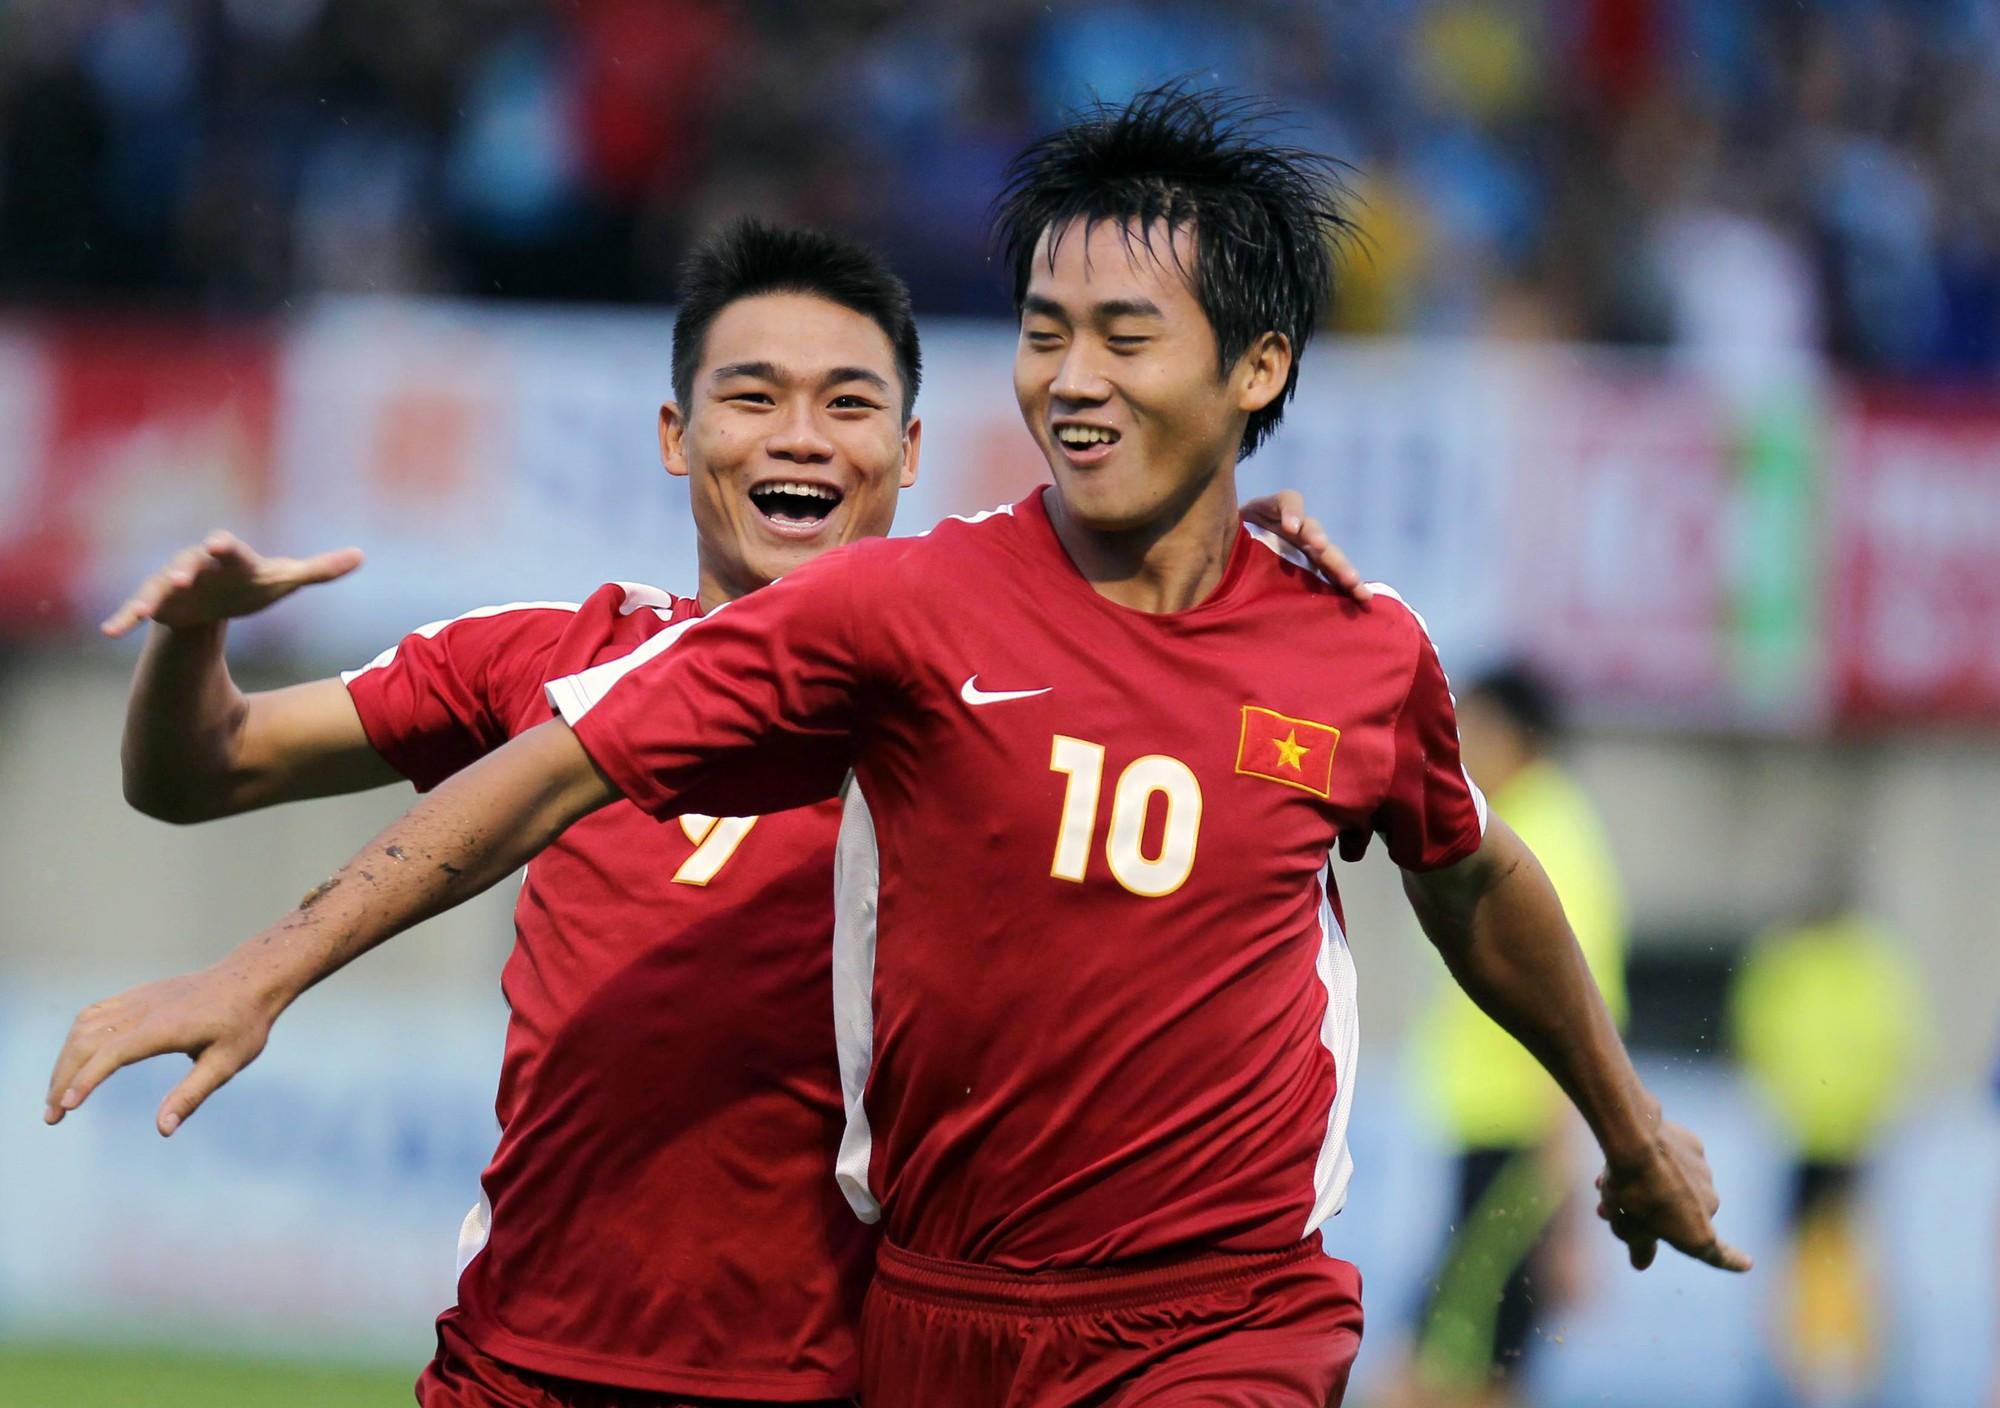 Chuyên gia Việt nói về khả năng cạnh tranh của Hà Minh Tuấn với Anh Đức ở ĐT Việt Nam - Bóng Đá